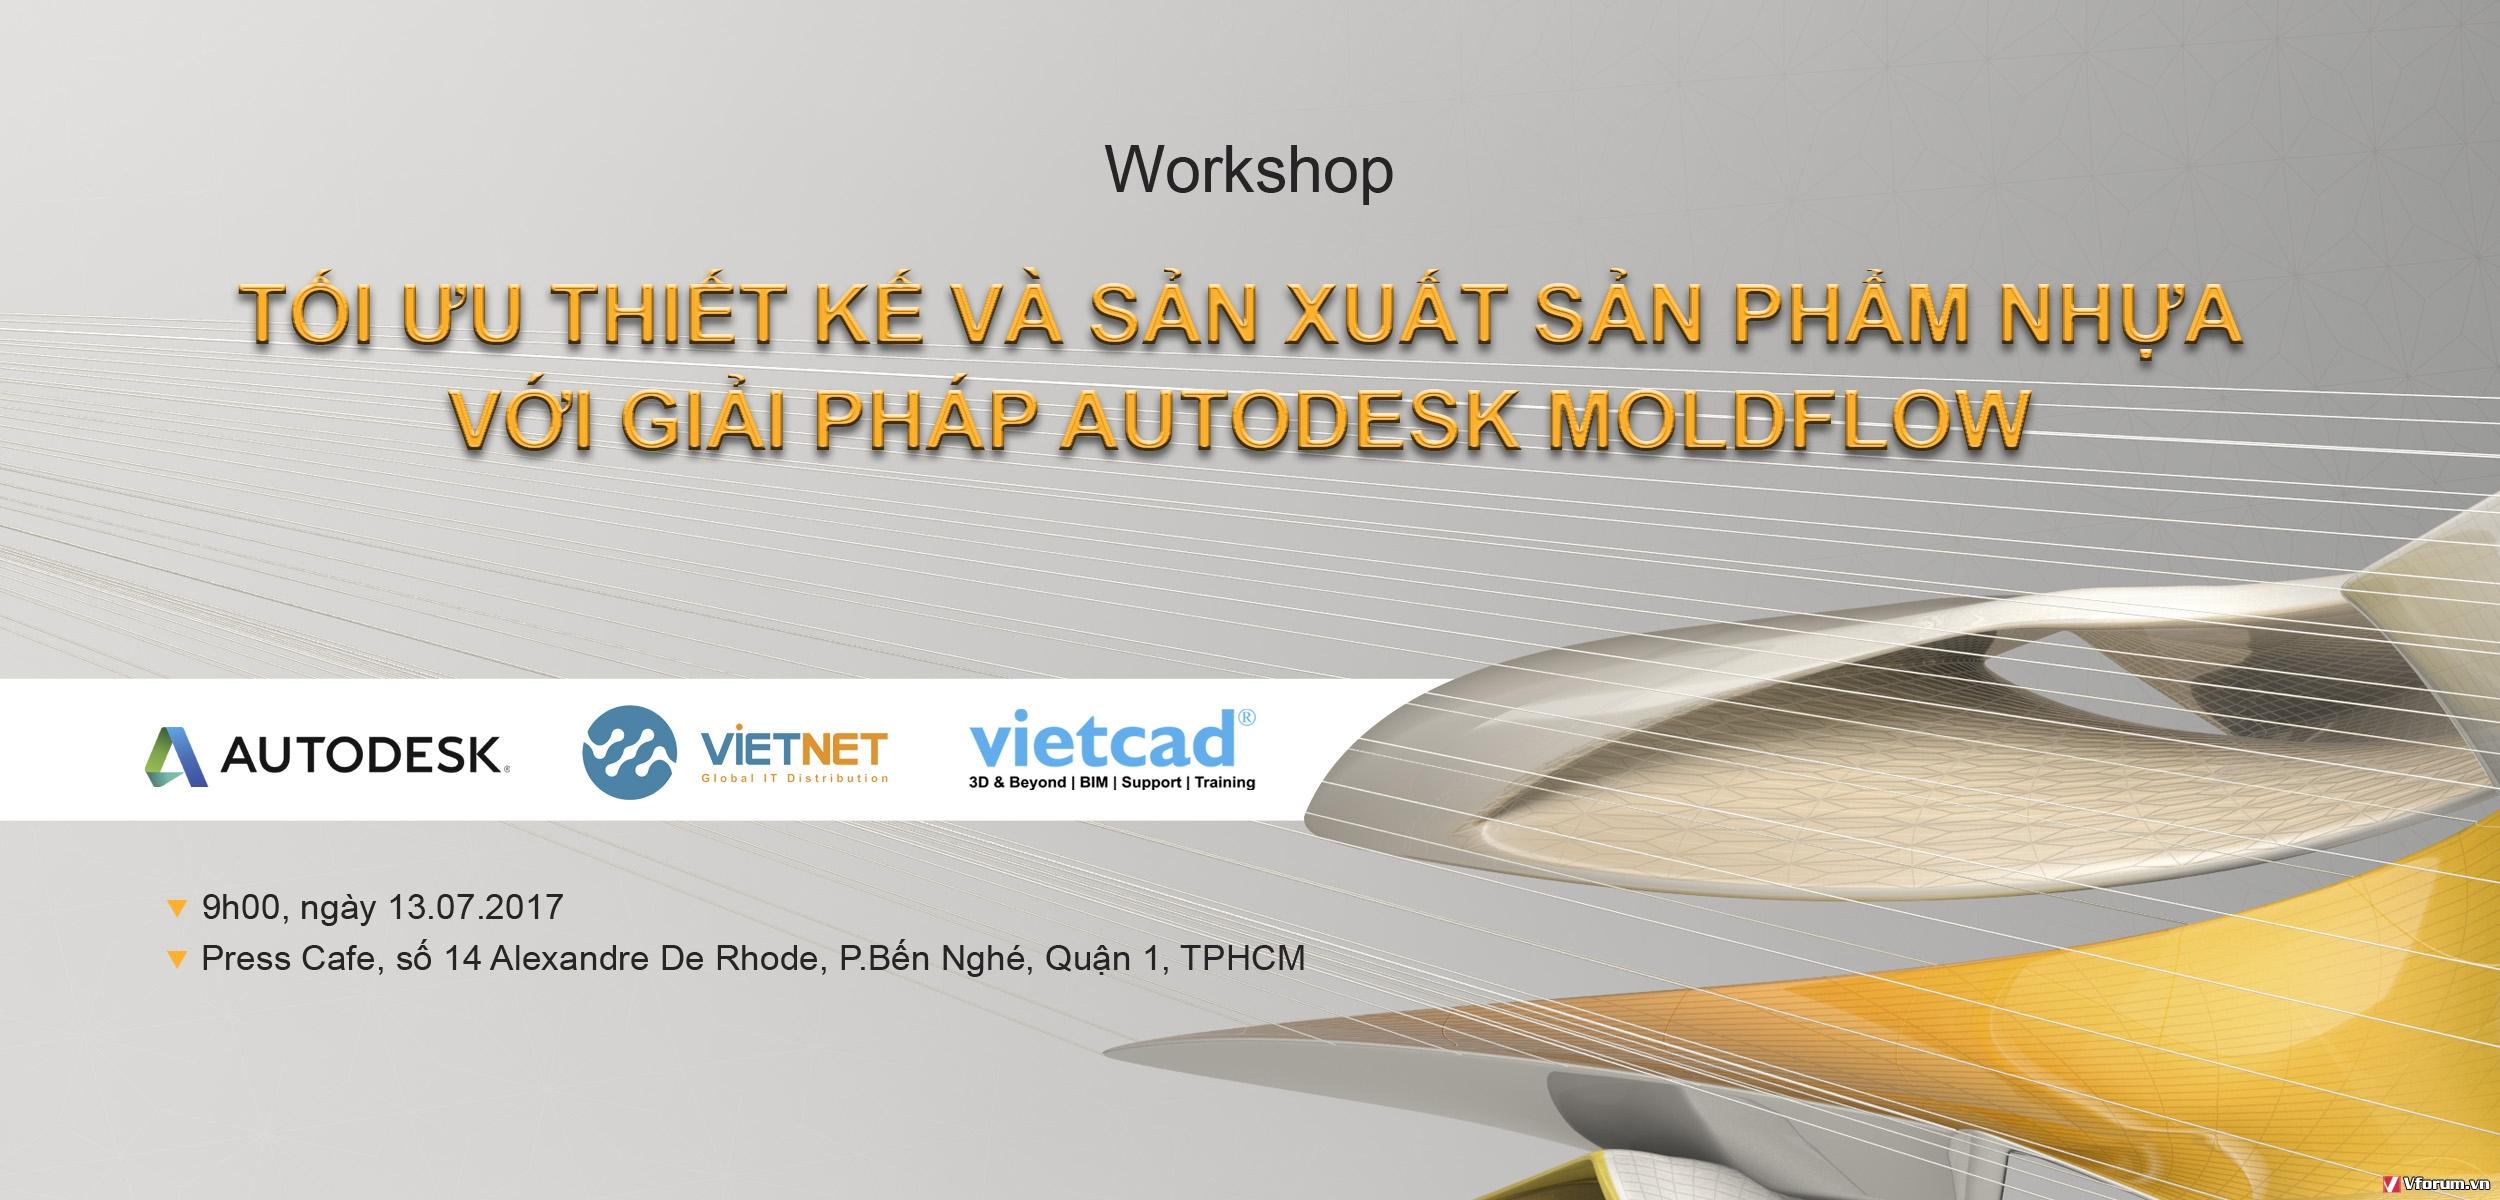 Workshop: Tối ưu thiết kế và sản xuất sản phẩm nhựa với giải pháp Autodesk Moldflow XH2DQW